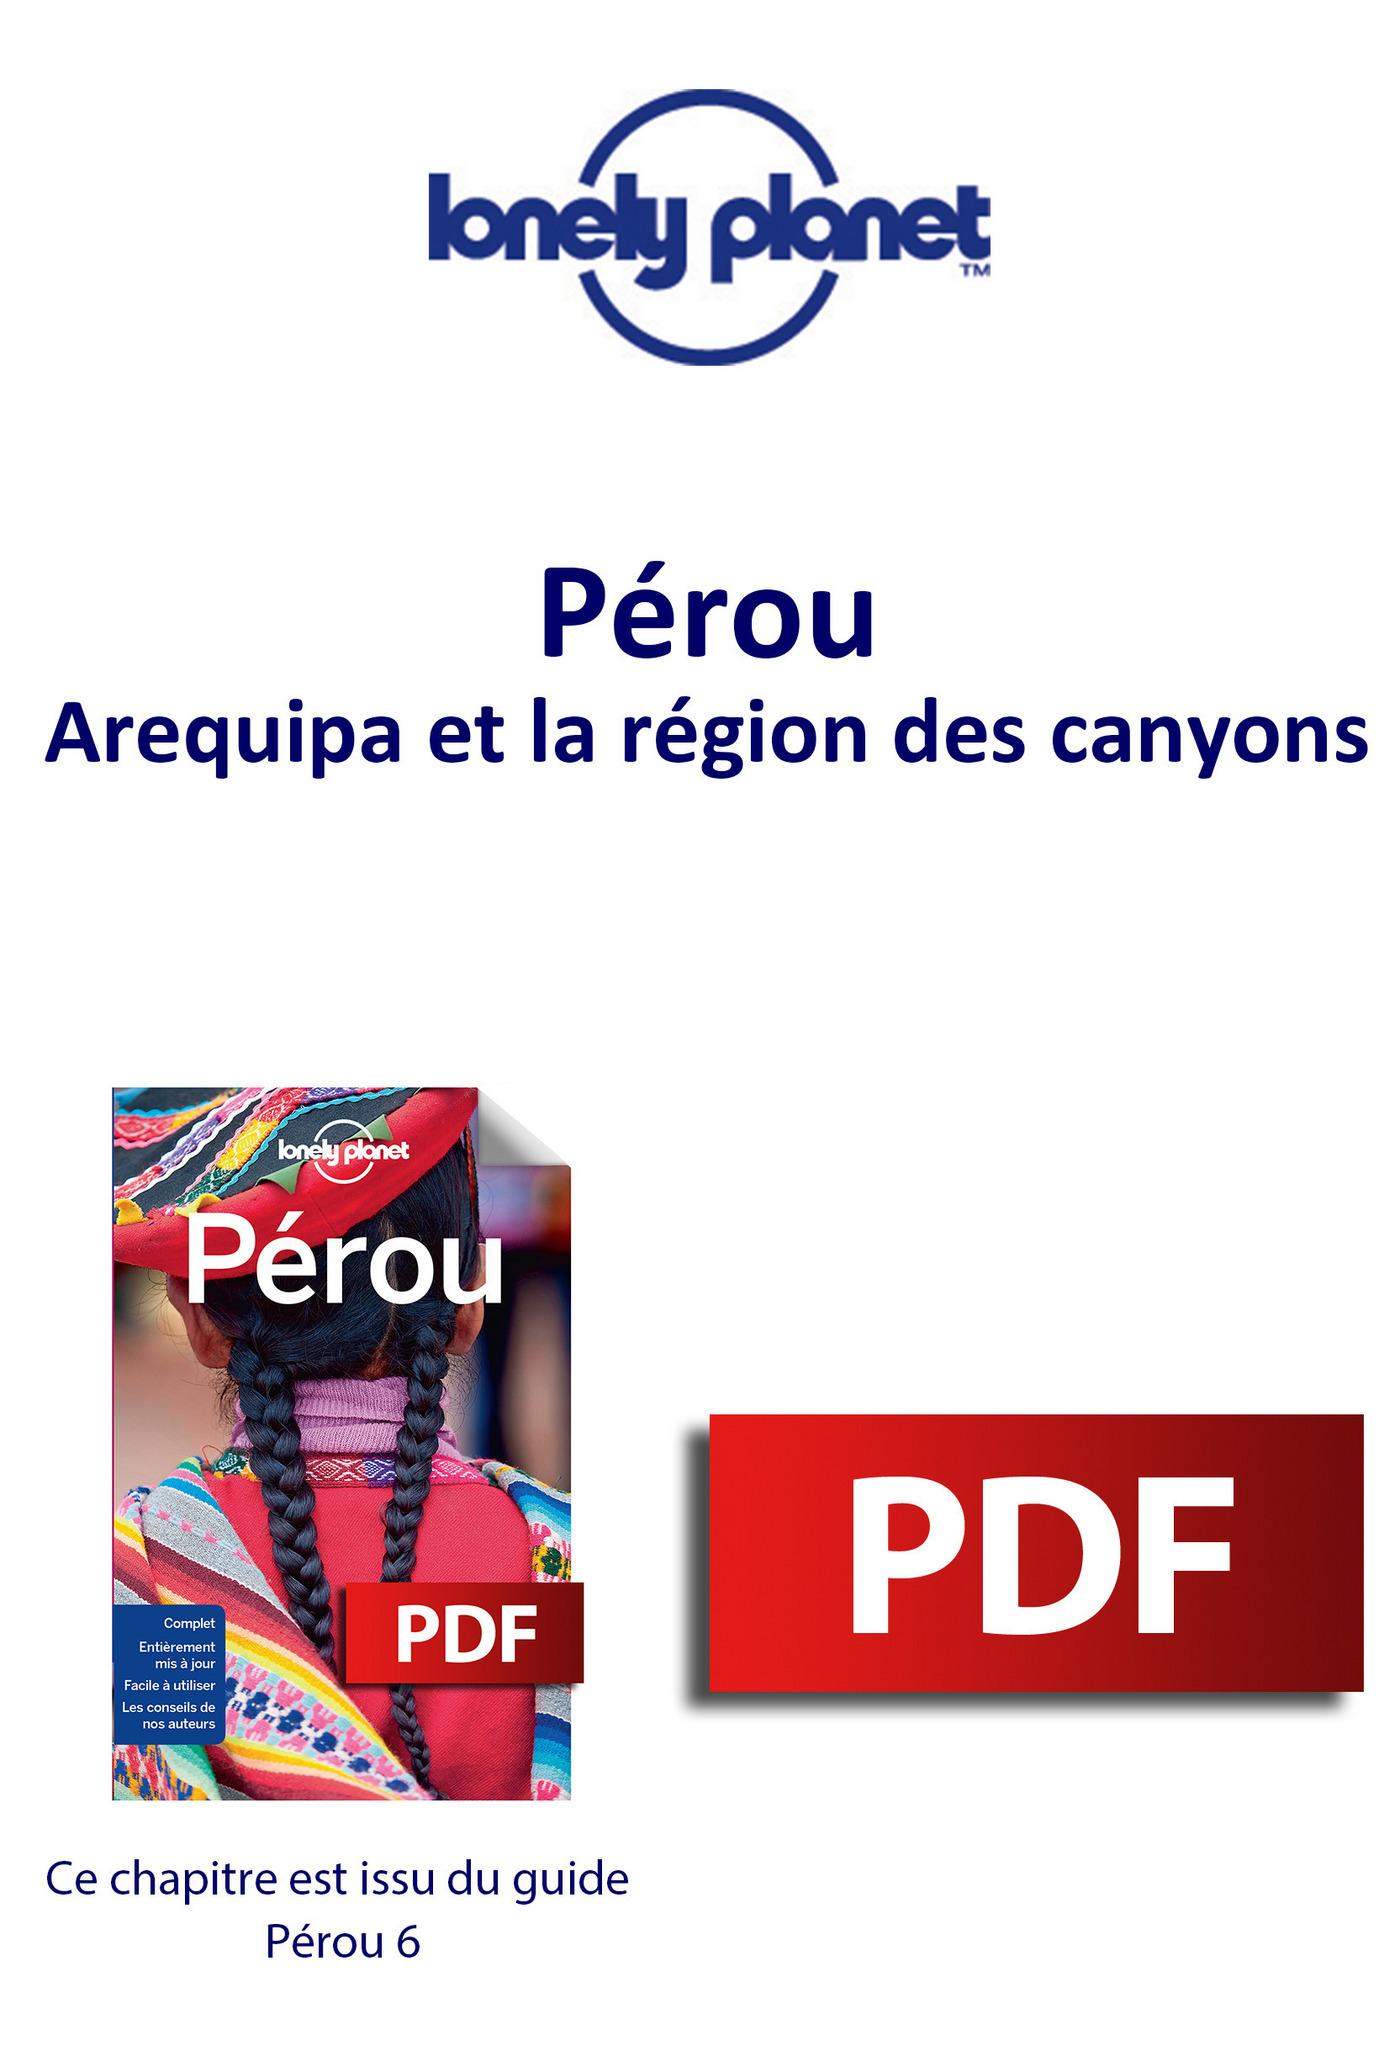 Pérou - Arequipa et la région des canyons